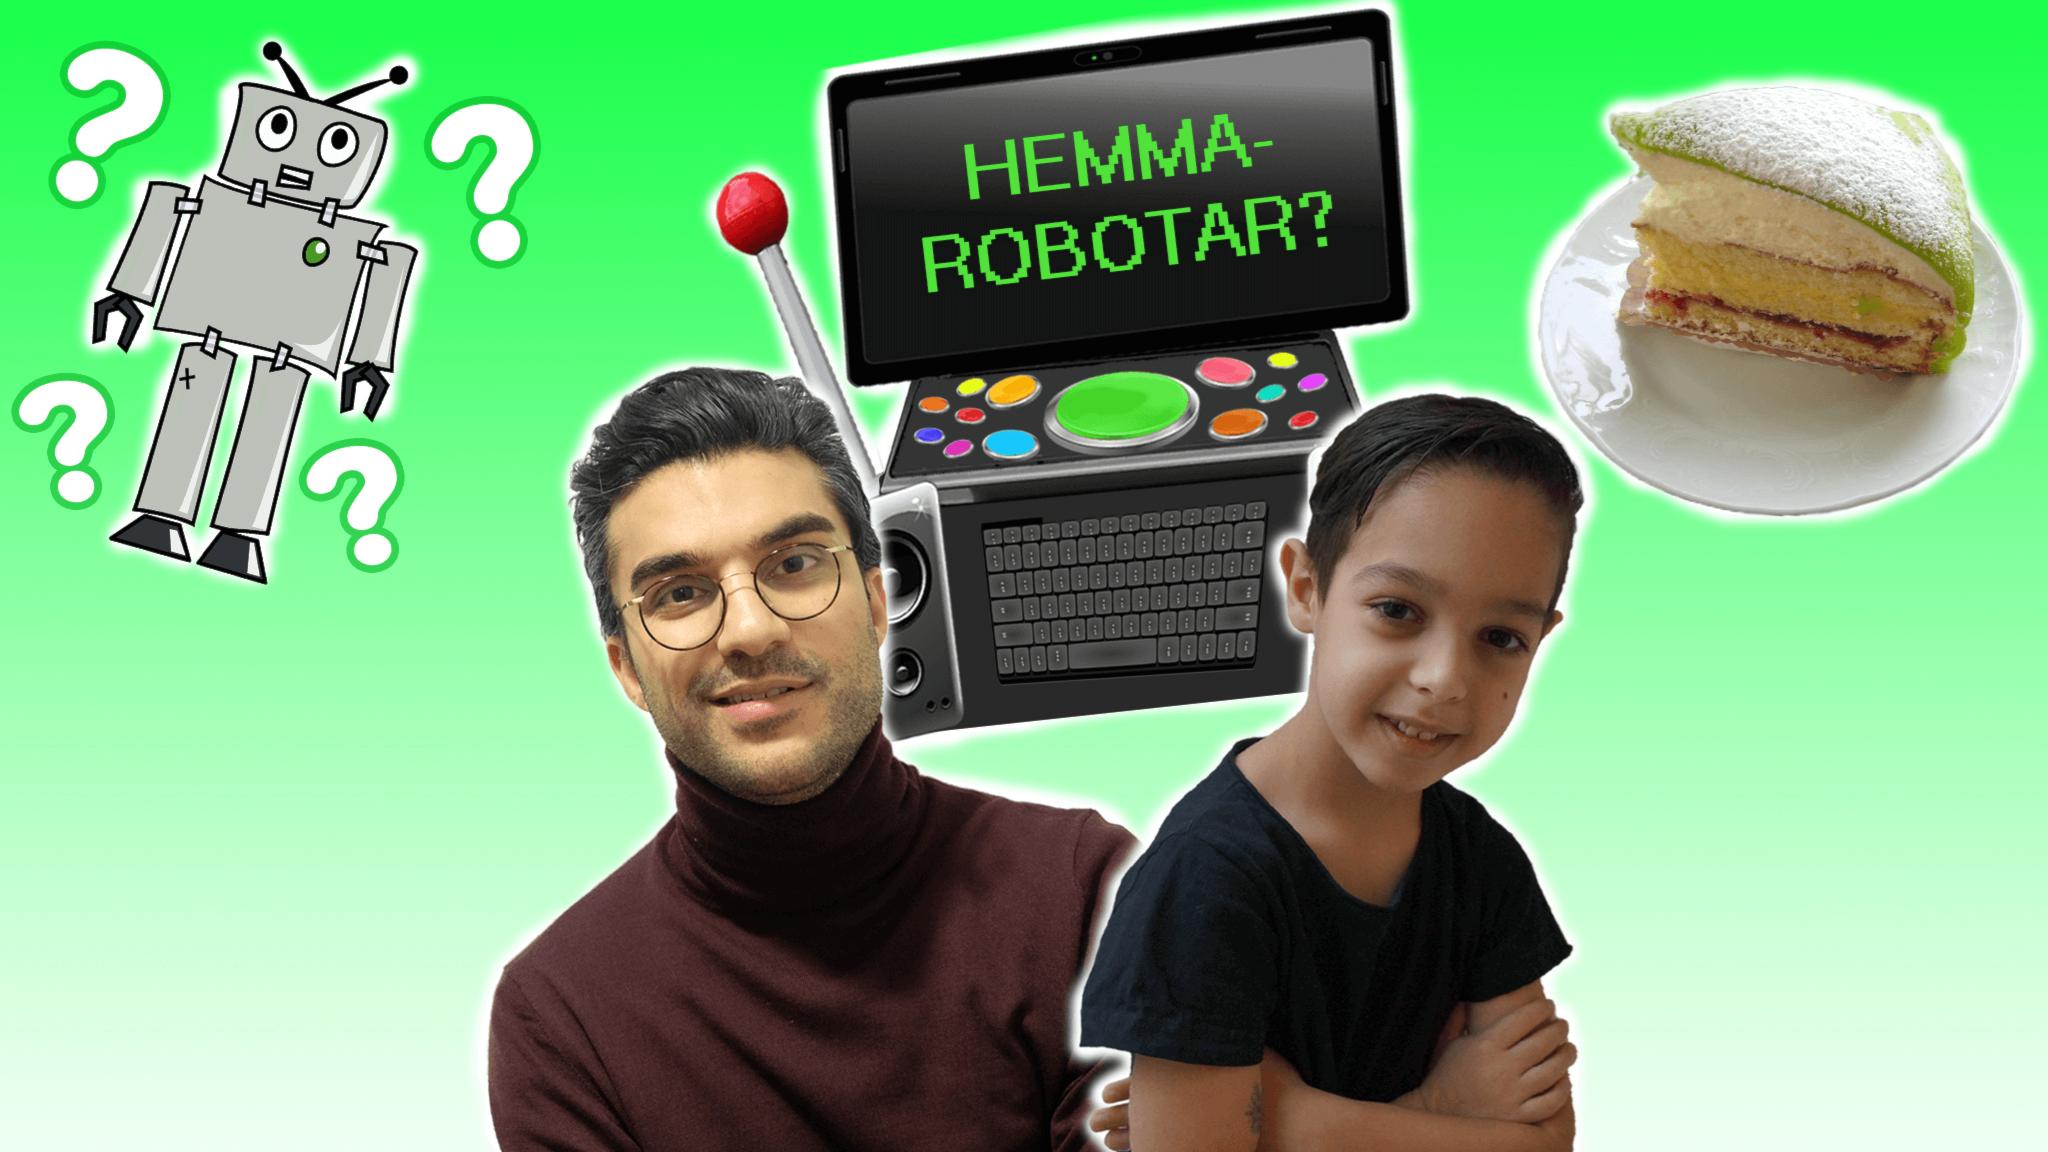 Vad kommer vi ha för hemma-robotar i framtiden?